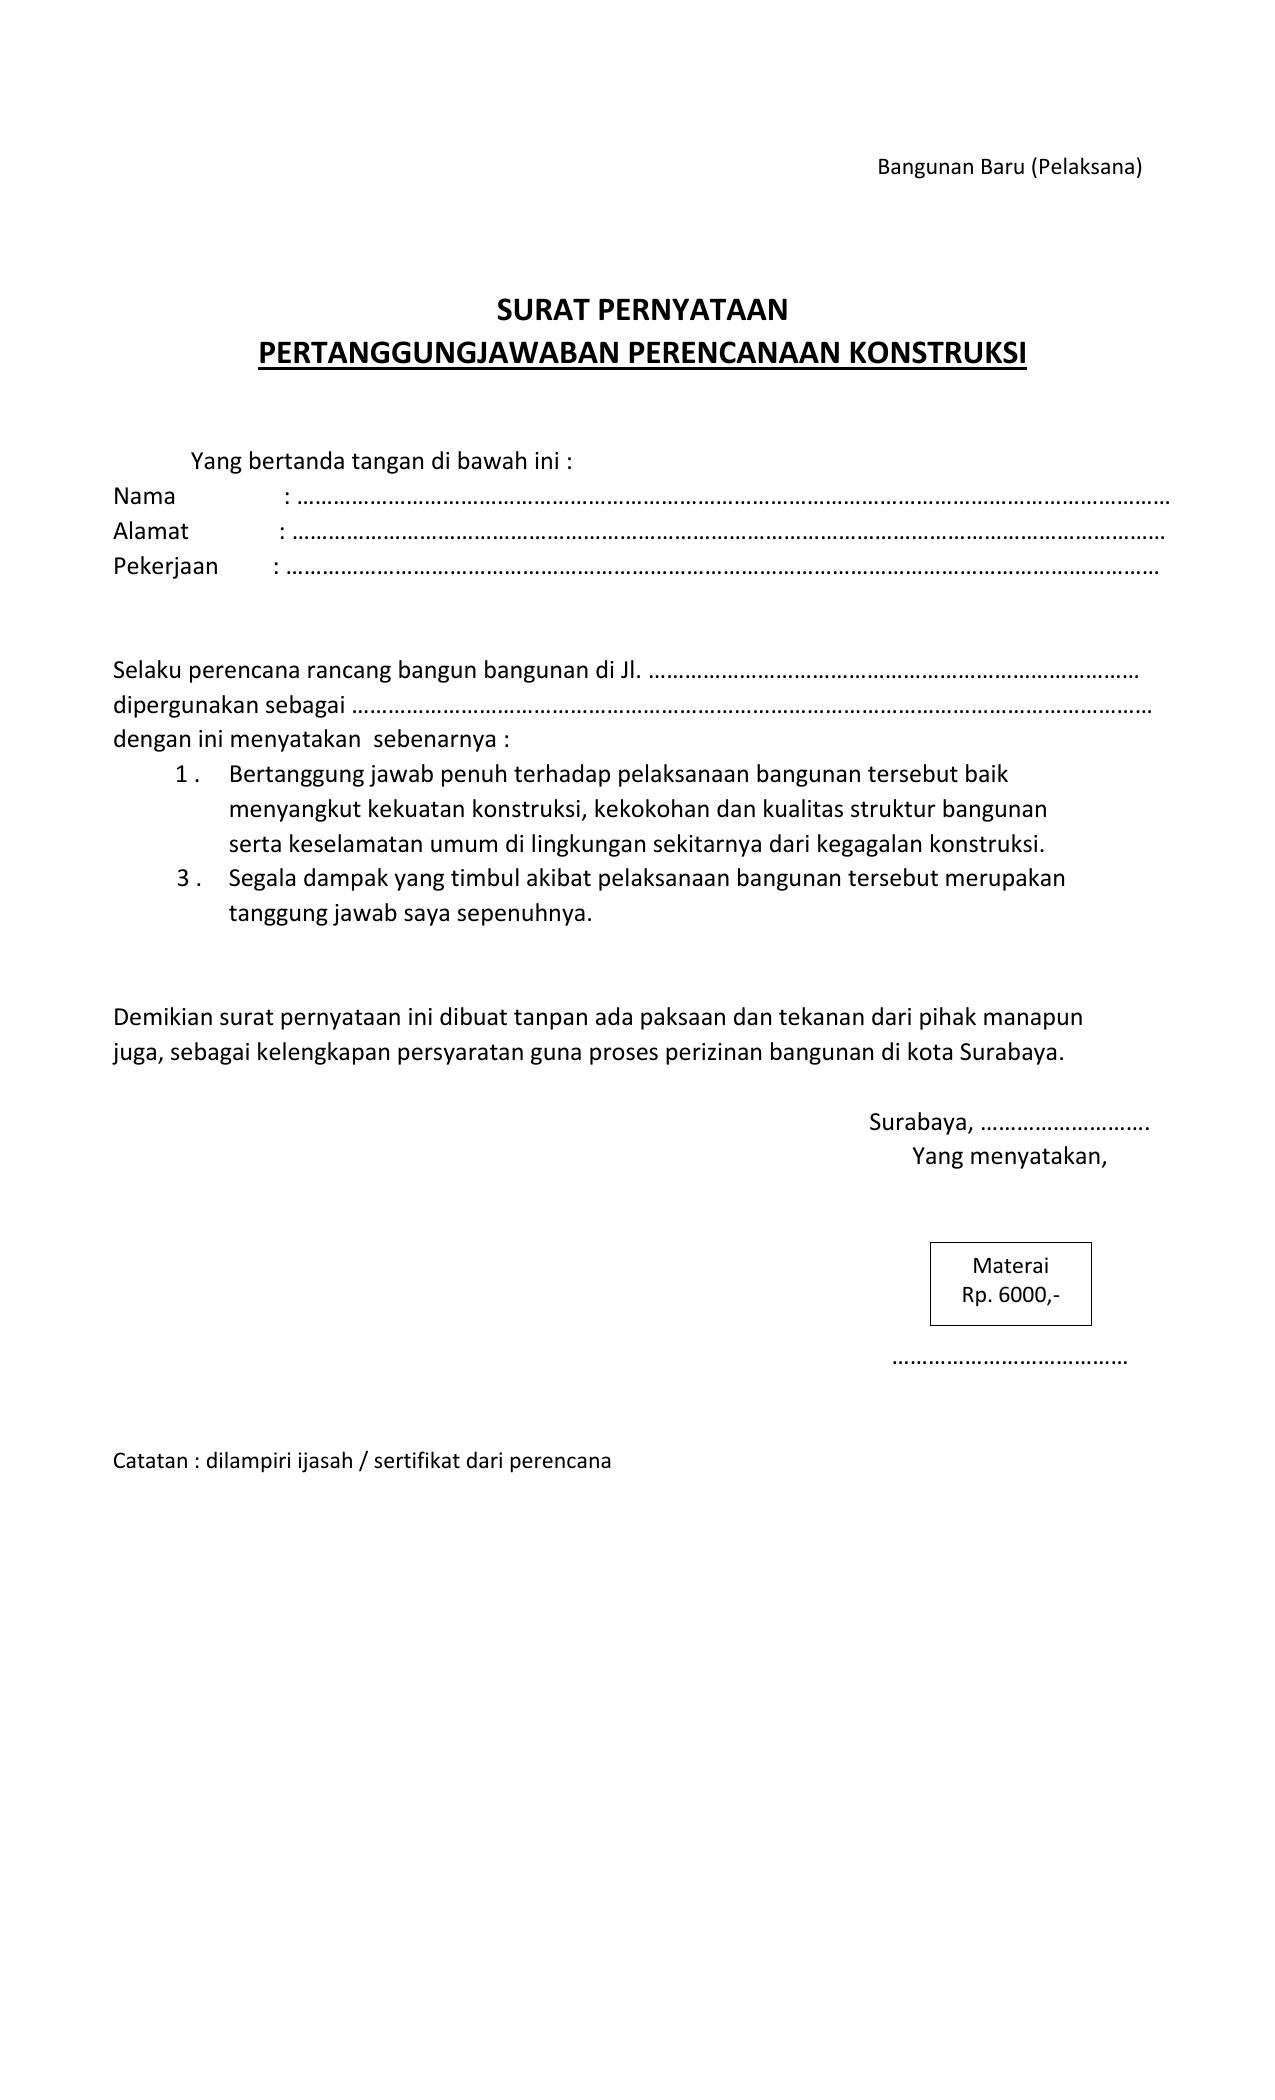 Surat Pernyataan Pertanggungjawaban